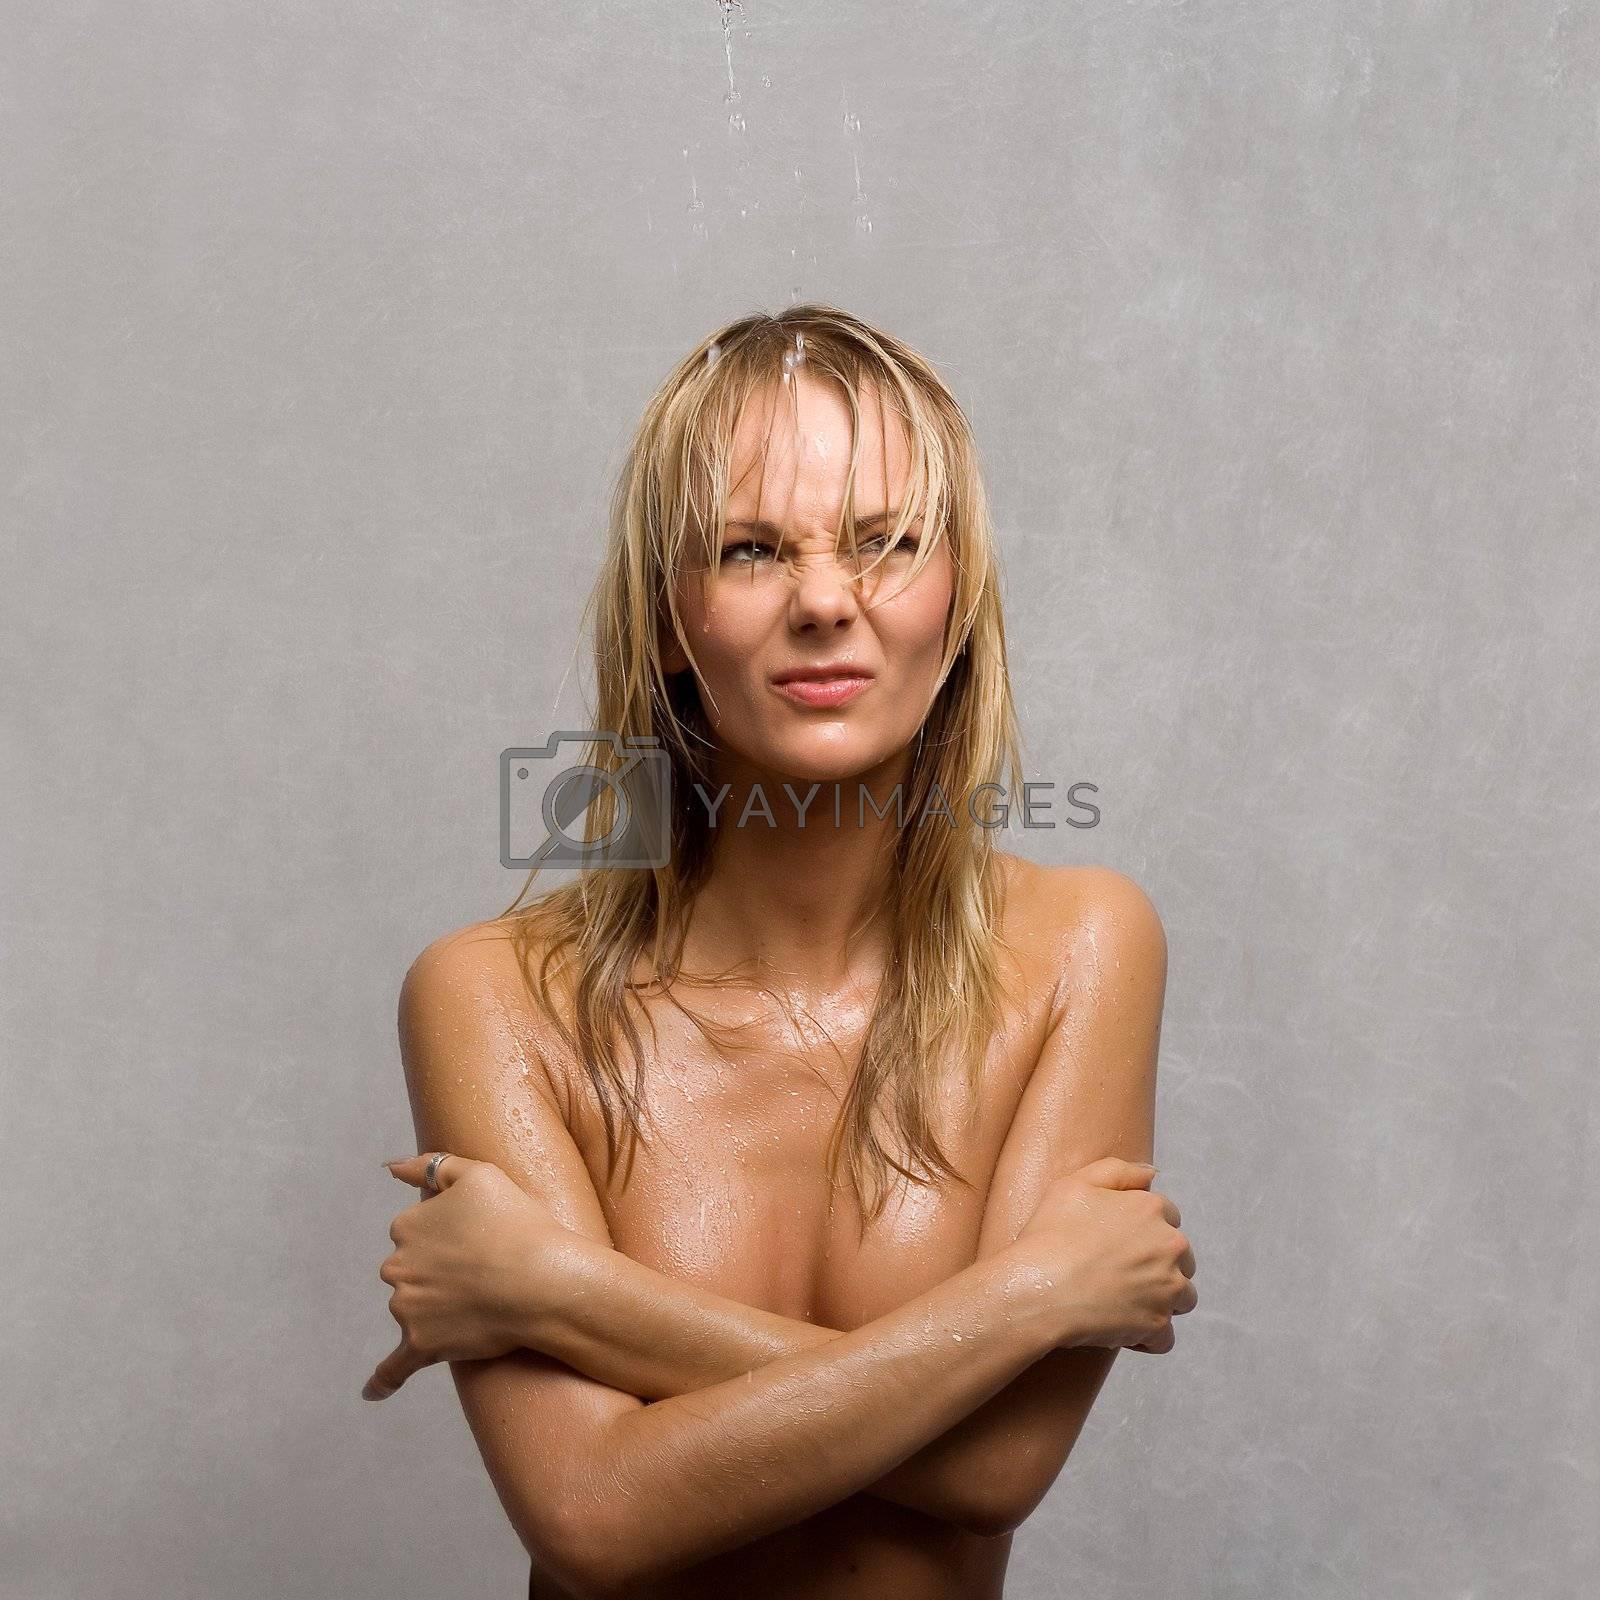 displeased wet girl